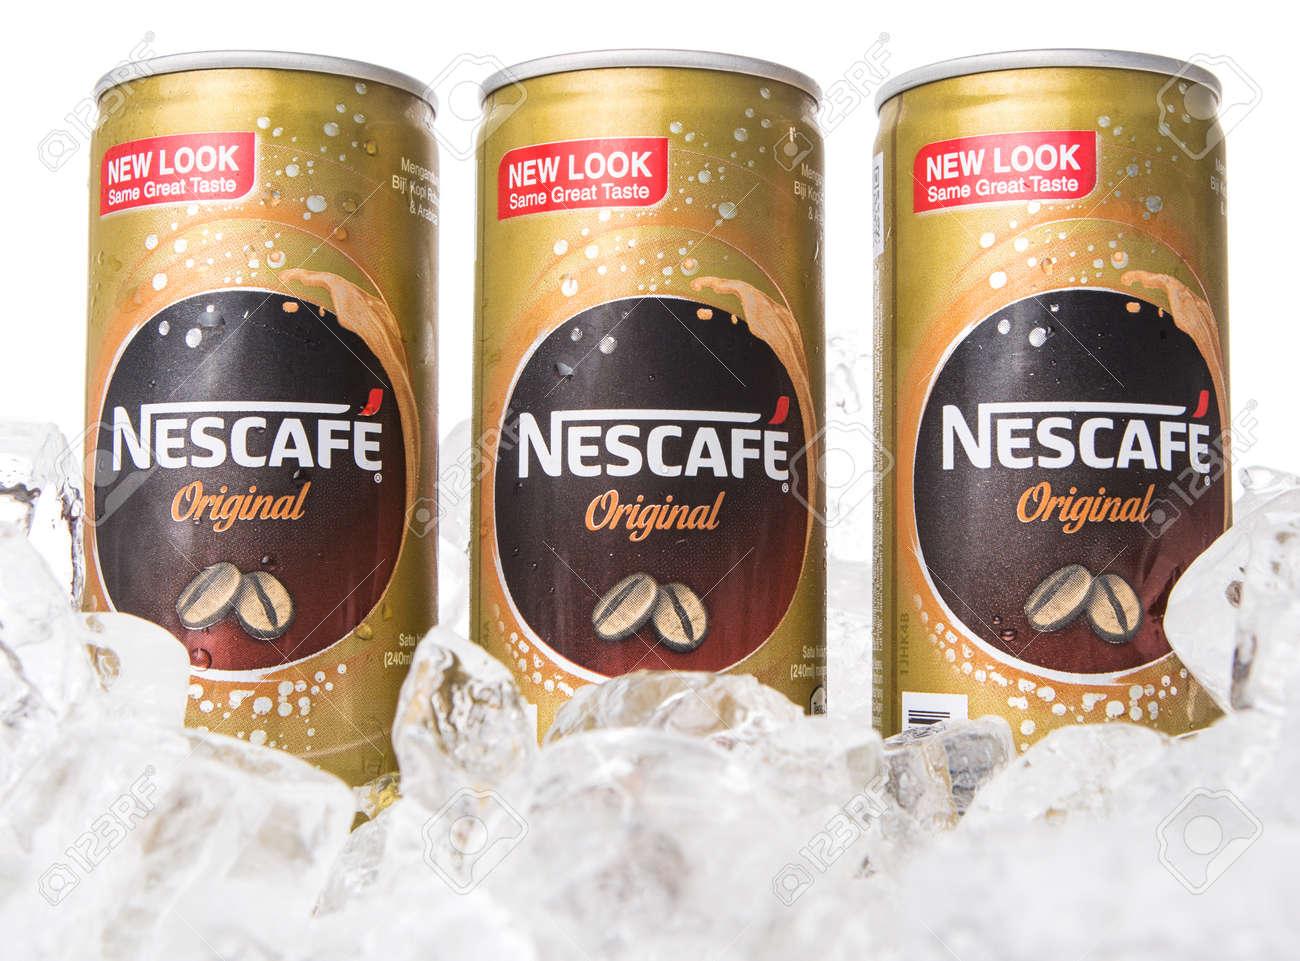 KUALA LUMPUR, MALAYSIA - FEBRUARY 13TH 2015  Nescafe can drink